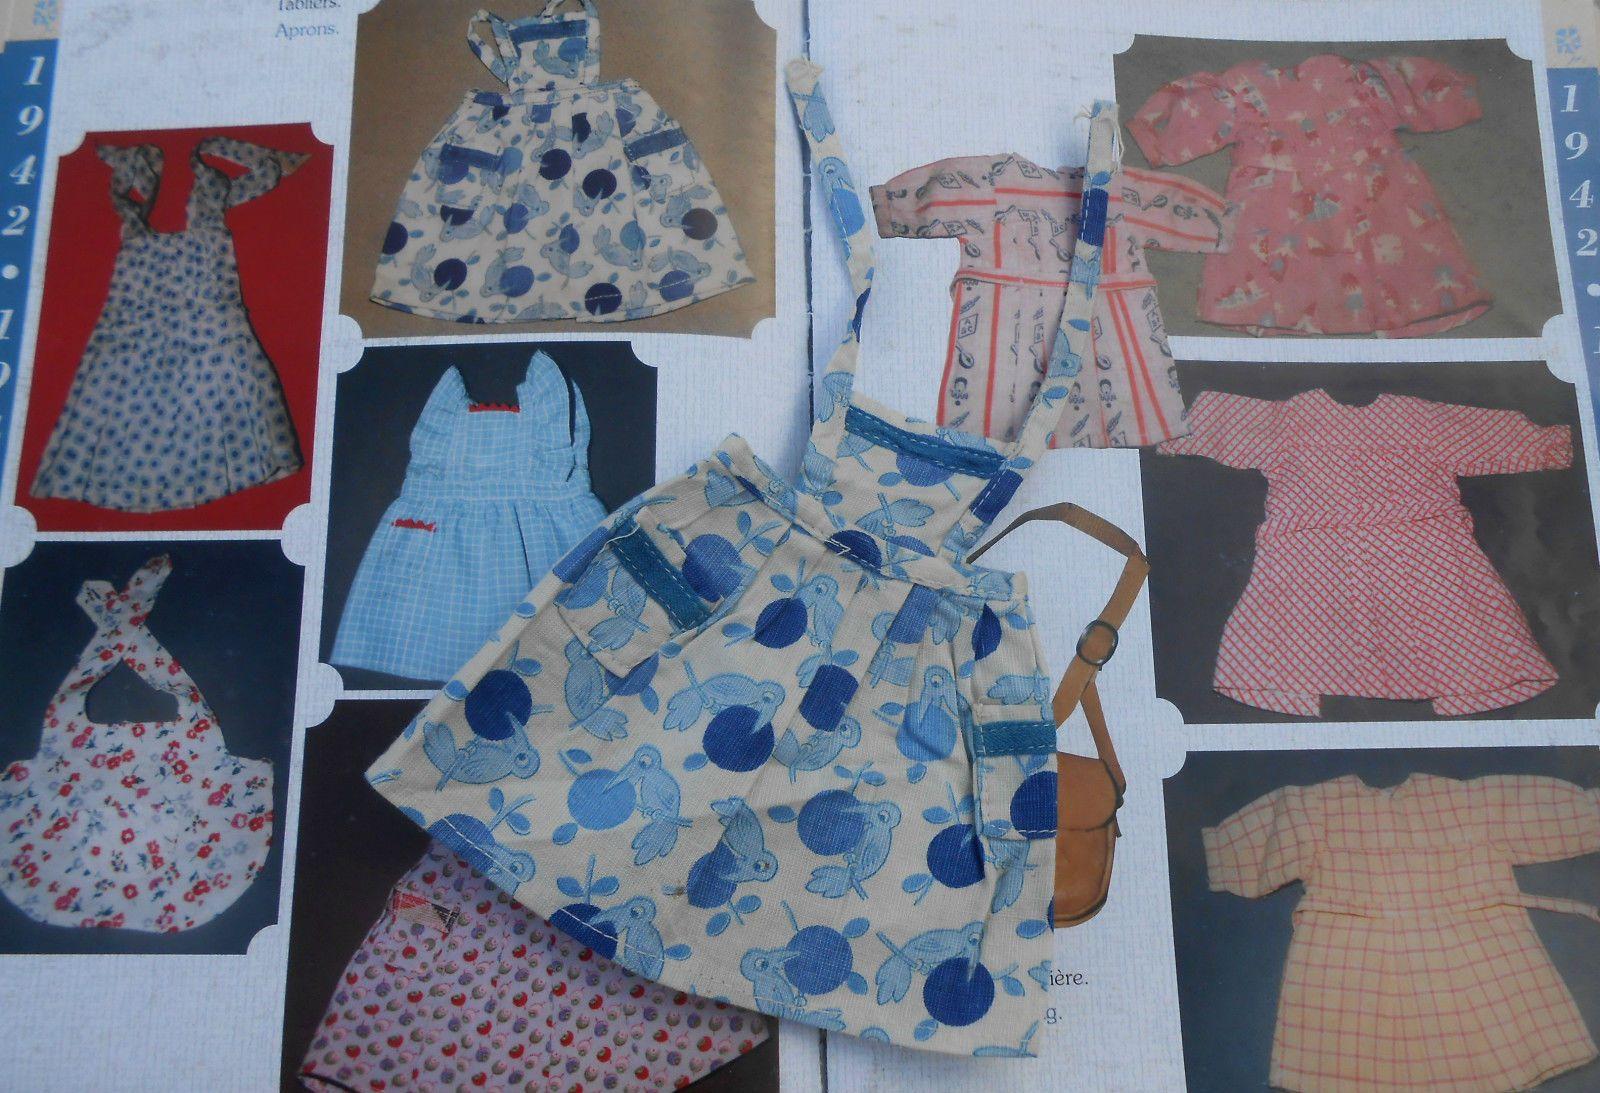 TABLIER POUPEE BLEUETTE G.LANGUEREAU CIRCA 1942/46 ! | eBay